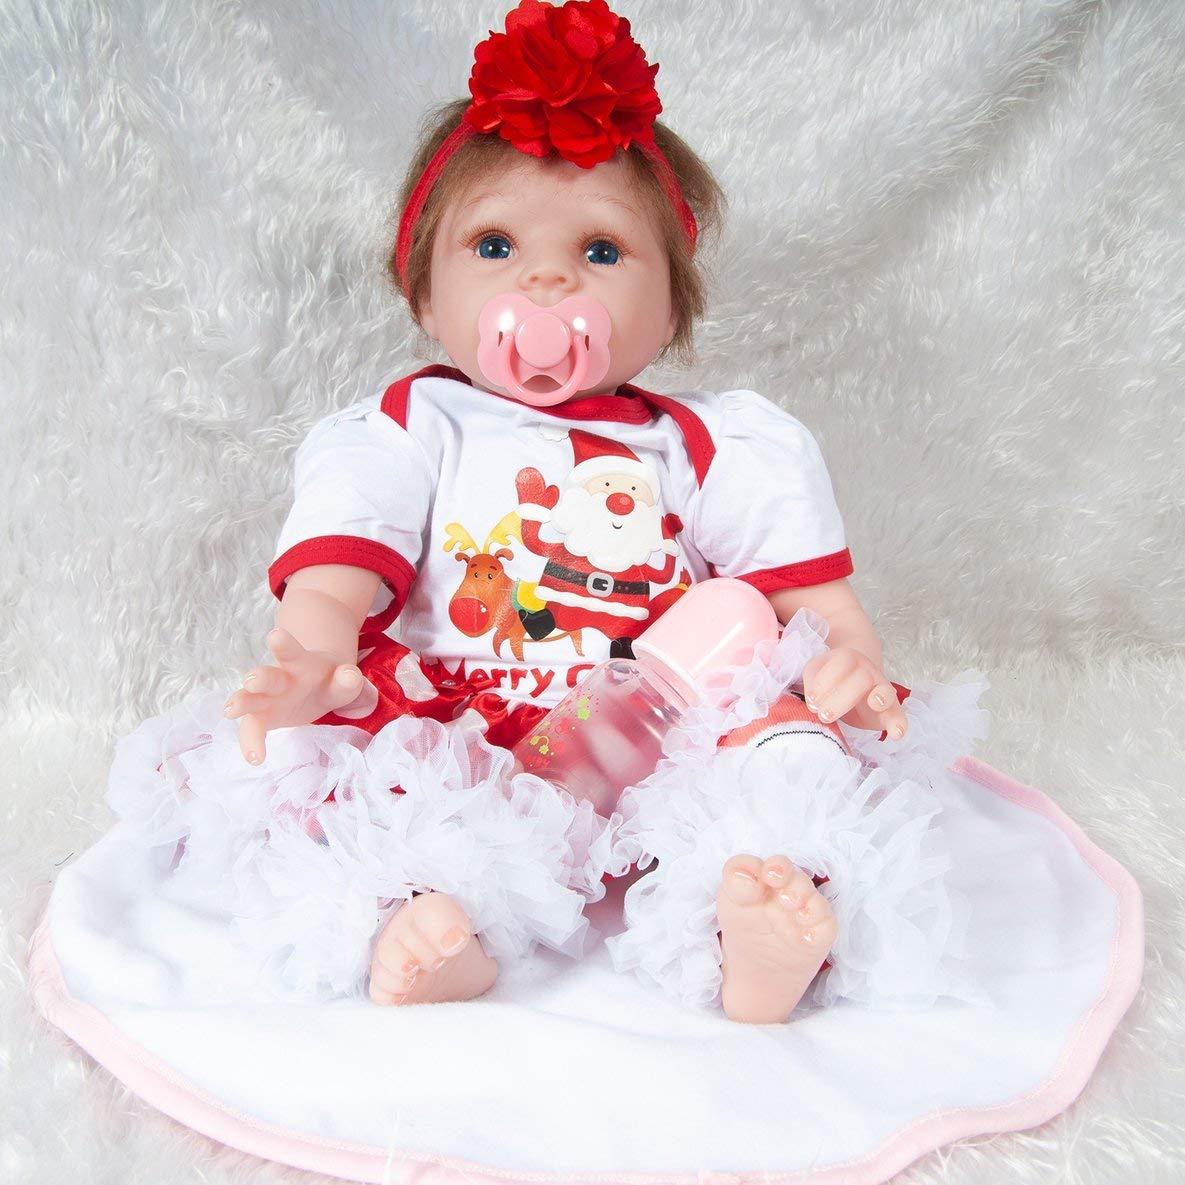 Moliies 55 cm Reborn Baby Doll Juguete Foto Apoyos Realista Paño Suave Cuerpo Navidad Papá Noel Decoración Recién Nacido Muñeca Regalo de Cumpleaños